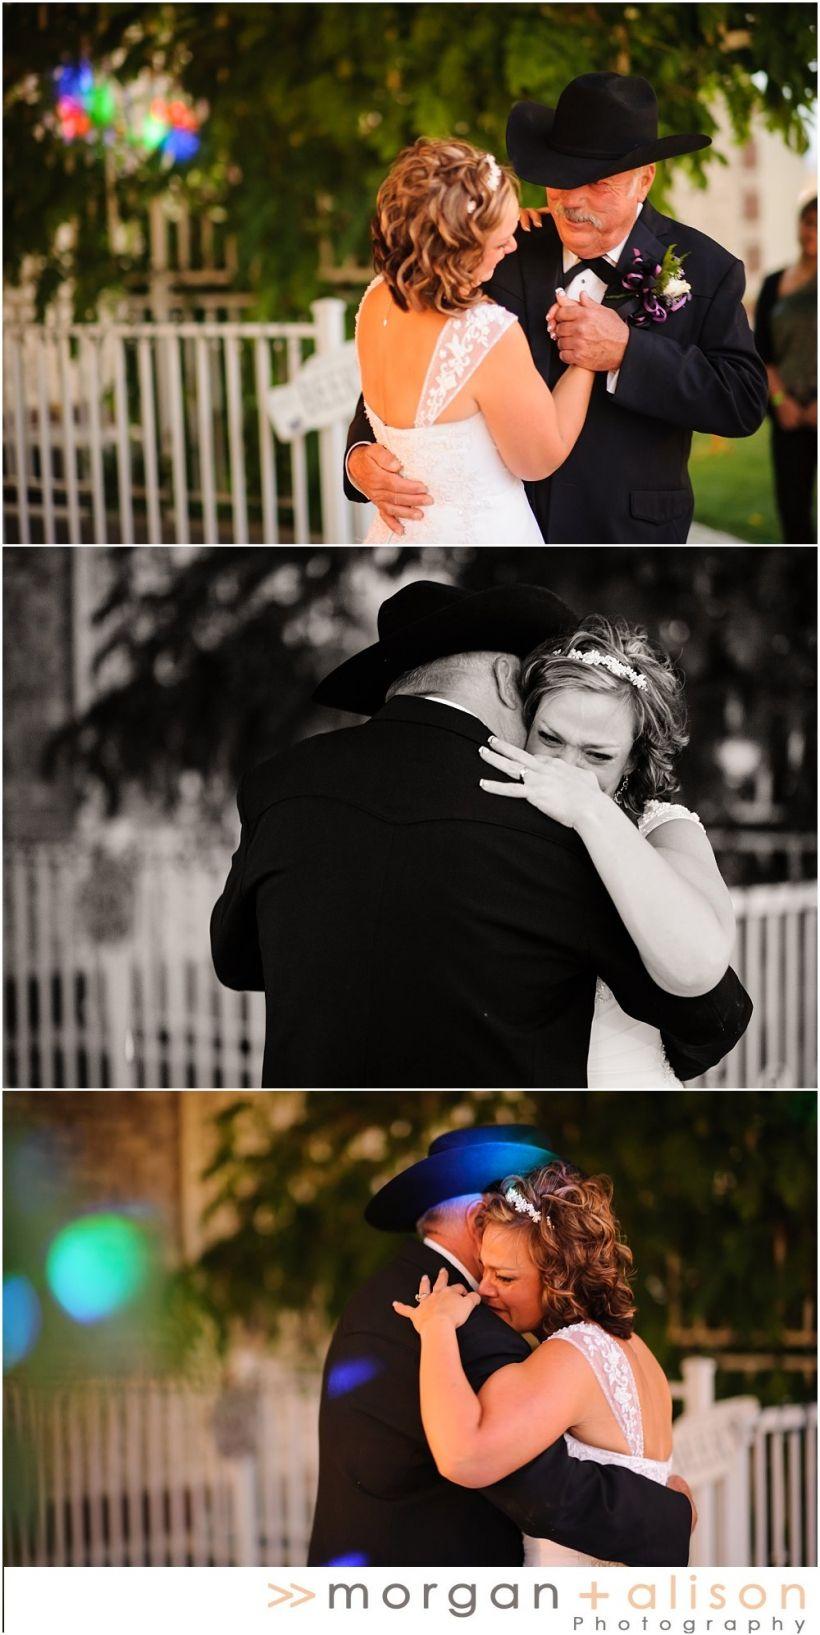 Bryan misty price ut wedding photographer wedding